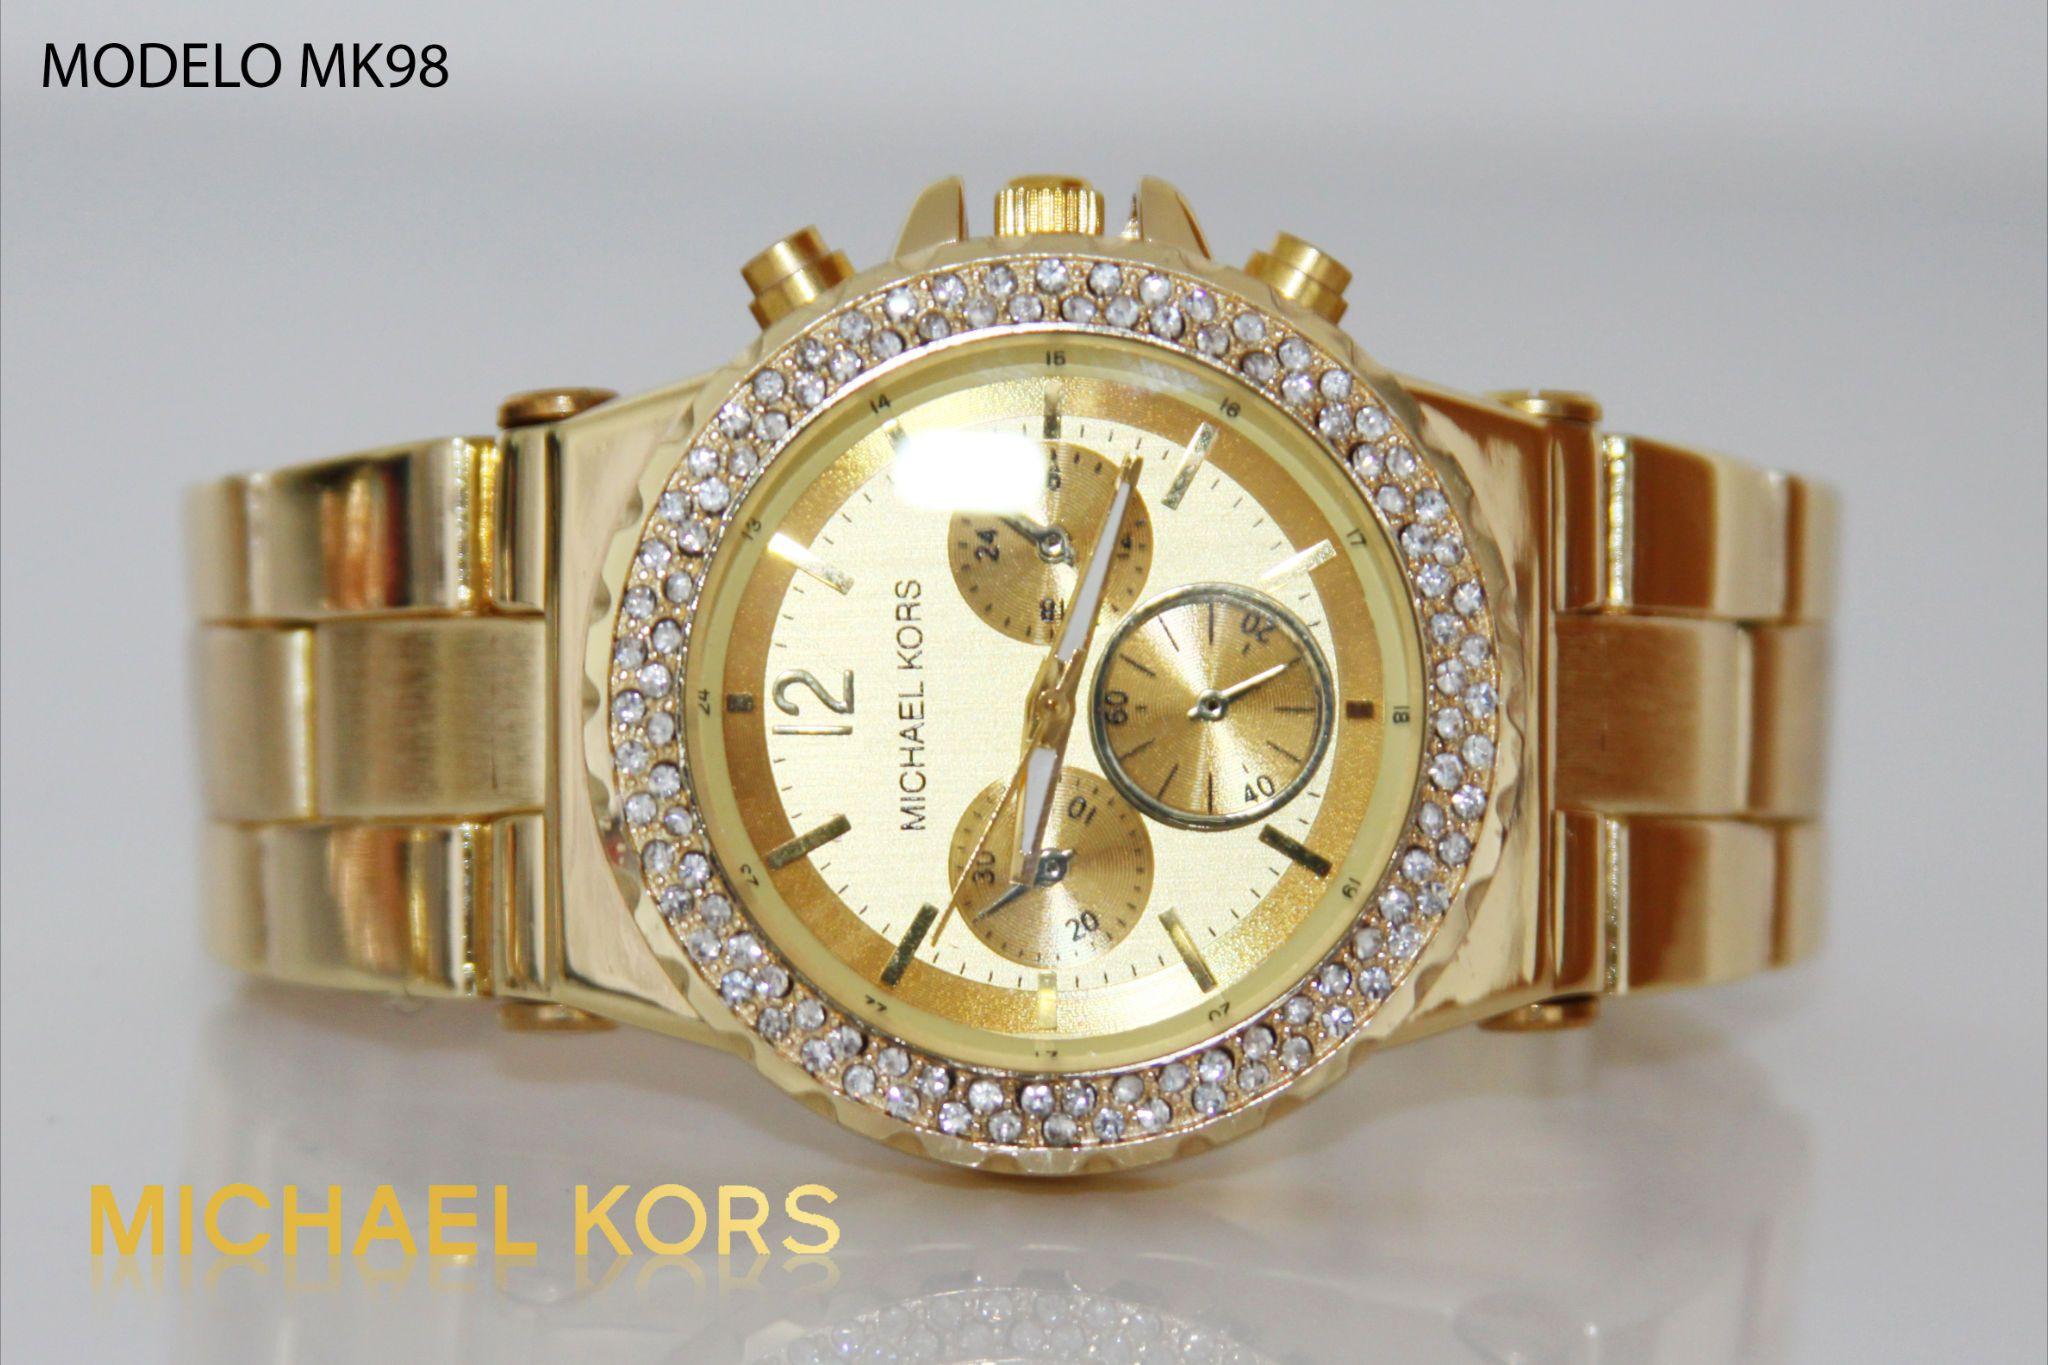 Reloj Michael kors dama dorado  b1e8be82e560